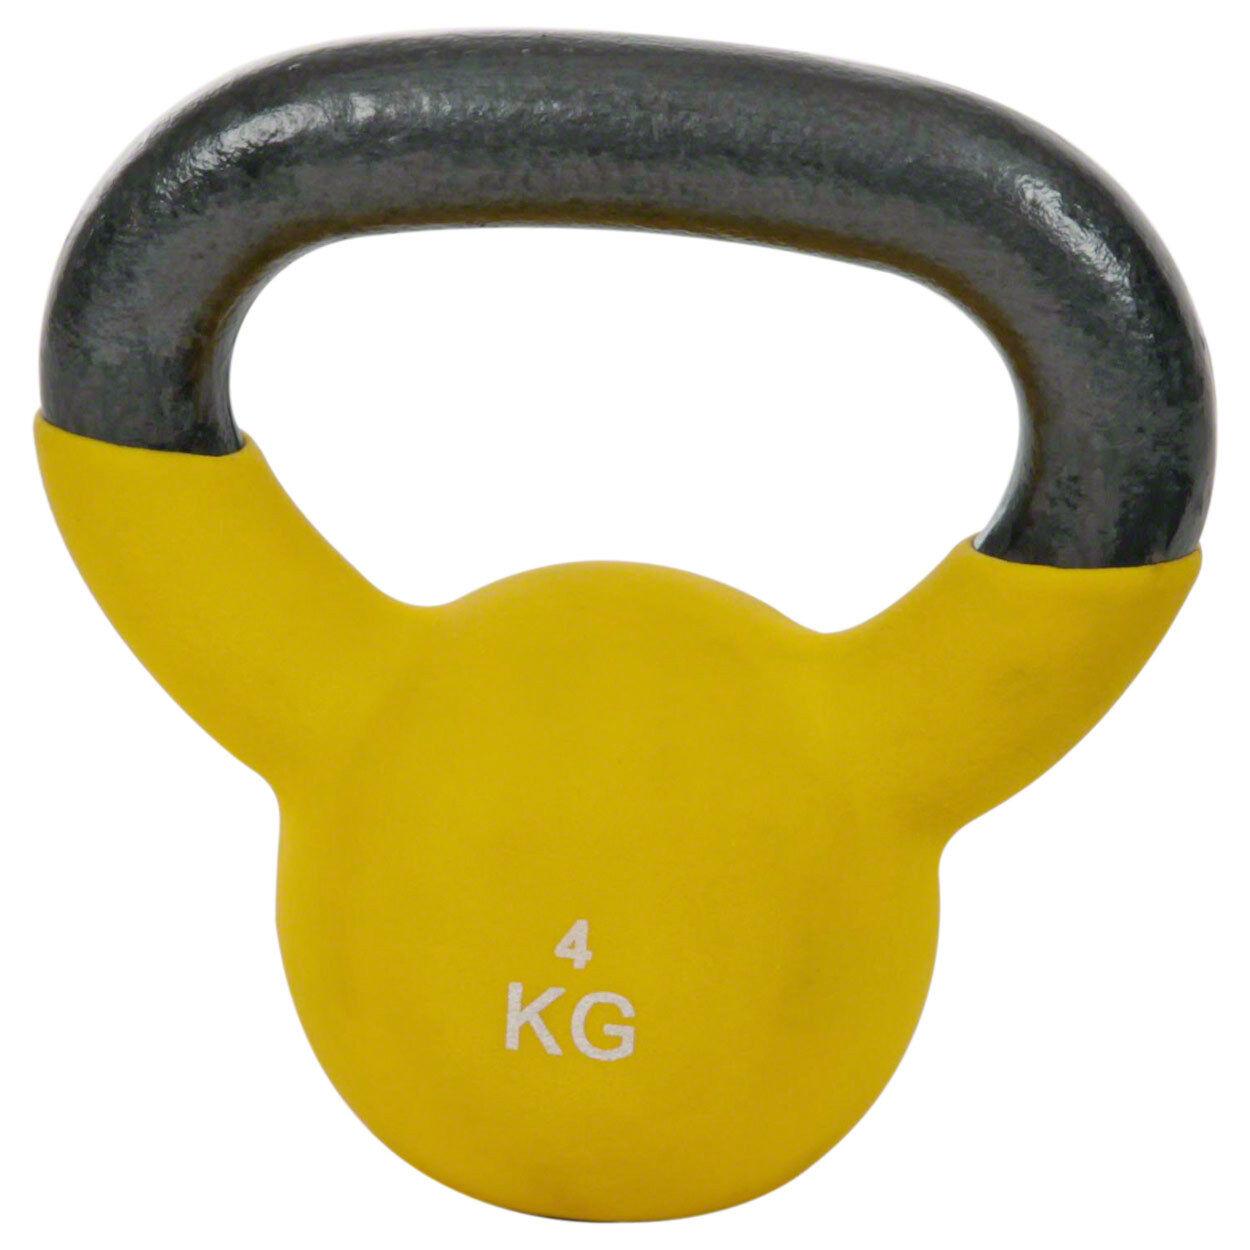 Kettlebell, Kugelhantel, Hantel, Kugelgewicht, Kraftsport, Hantel, Kugelhantel, Fitness d2c1db